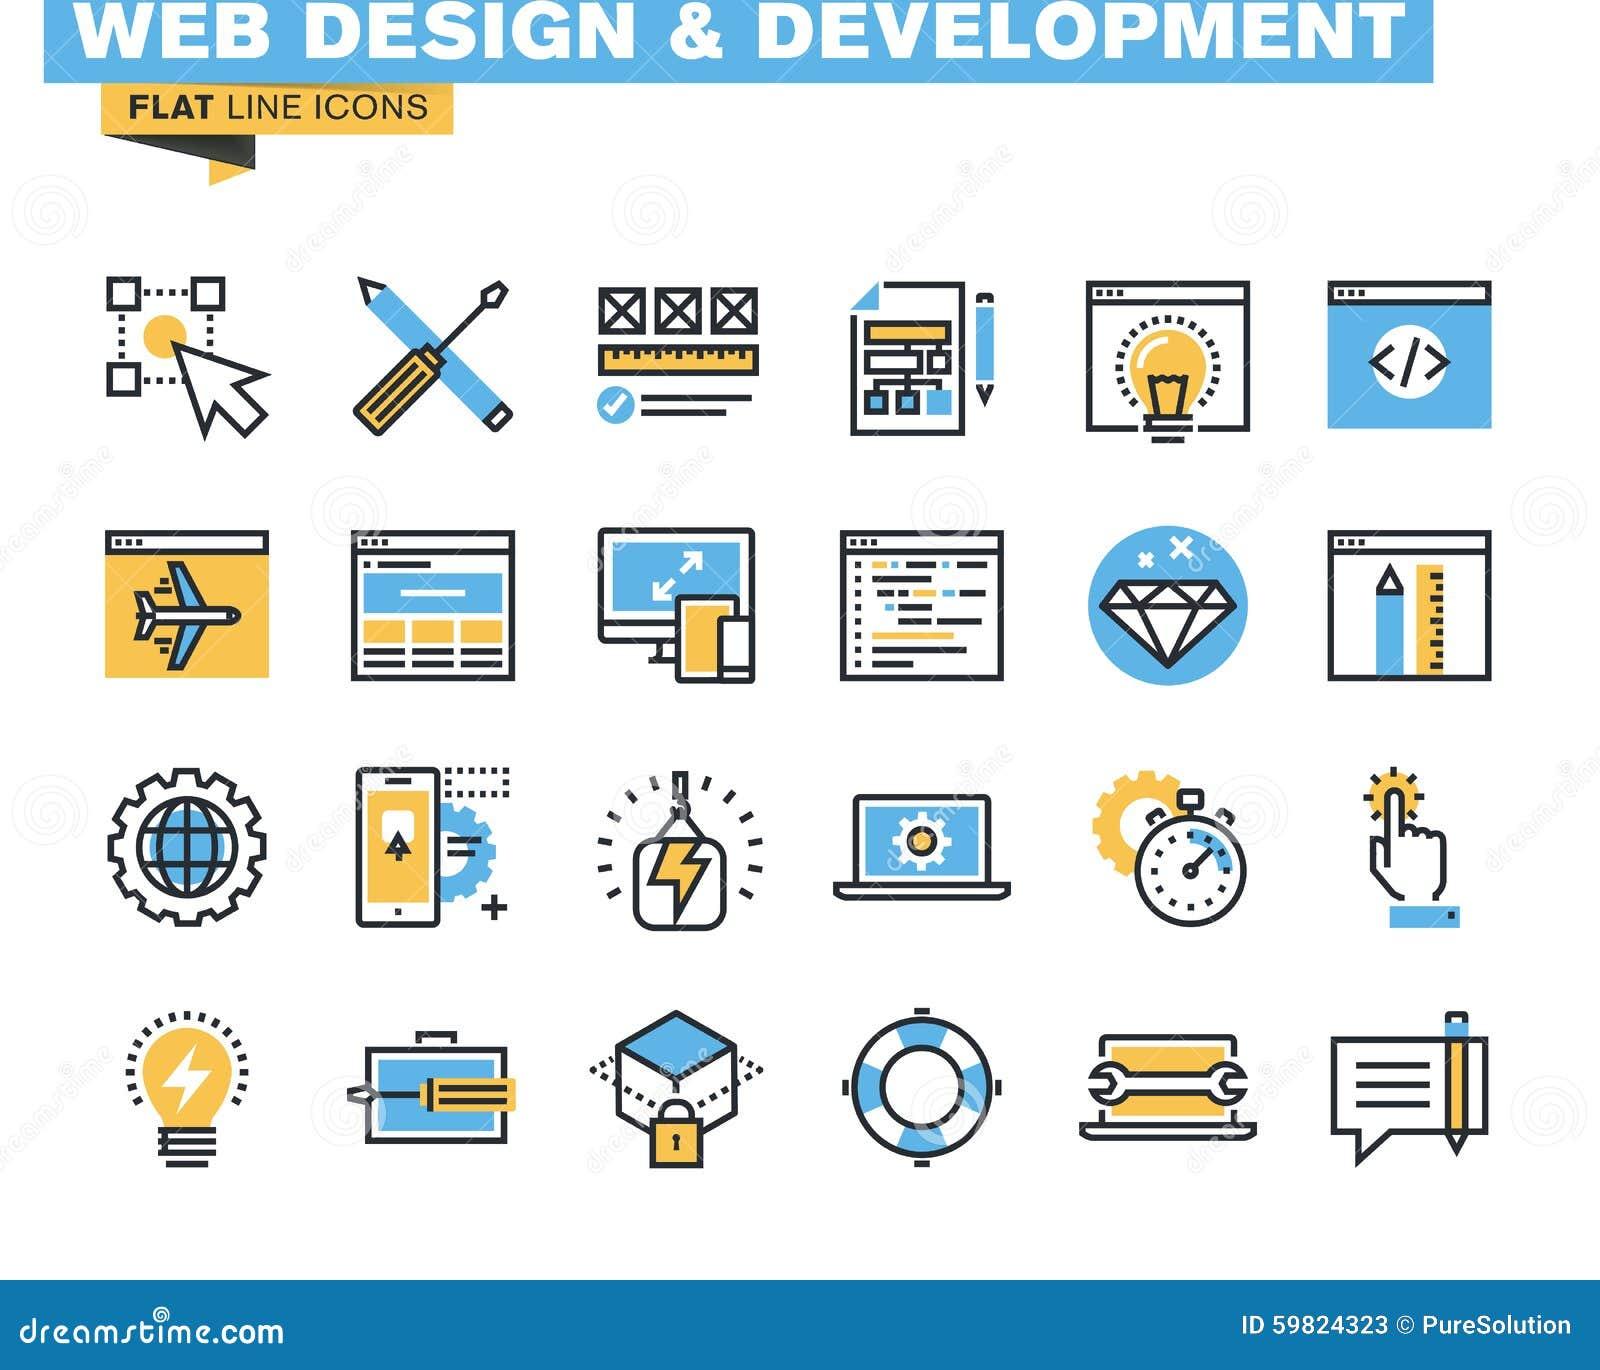 Καθιερώνον τη μόδα επίπεδο πακέτο εικονιδίων γραμμών για τους σχεδιαστές και τους υπεύθυνους για την ανάπτυξη